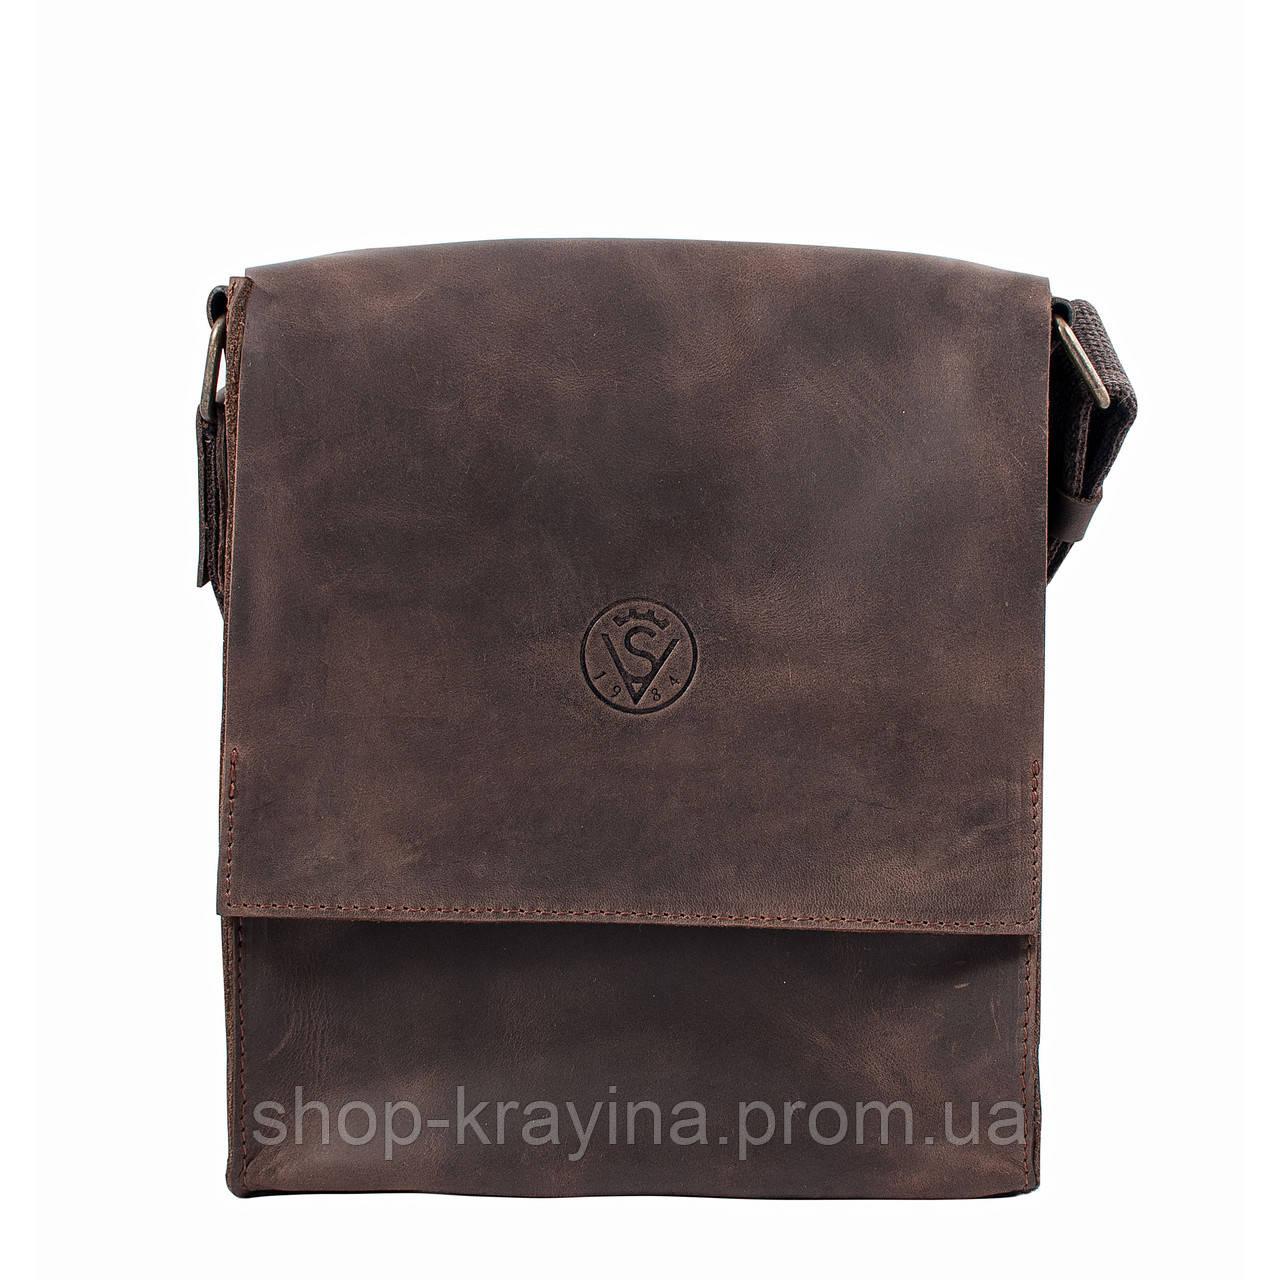 Кожаная мужская сумка VS220 Crazy horse brown 24х22х6 см